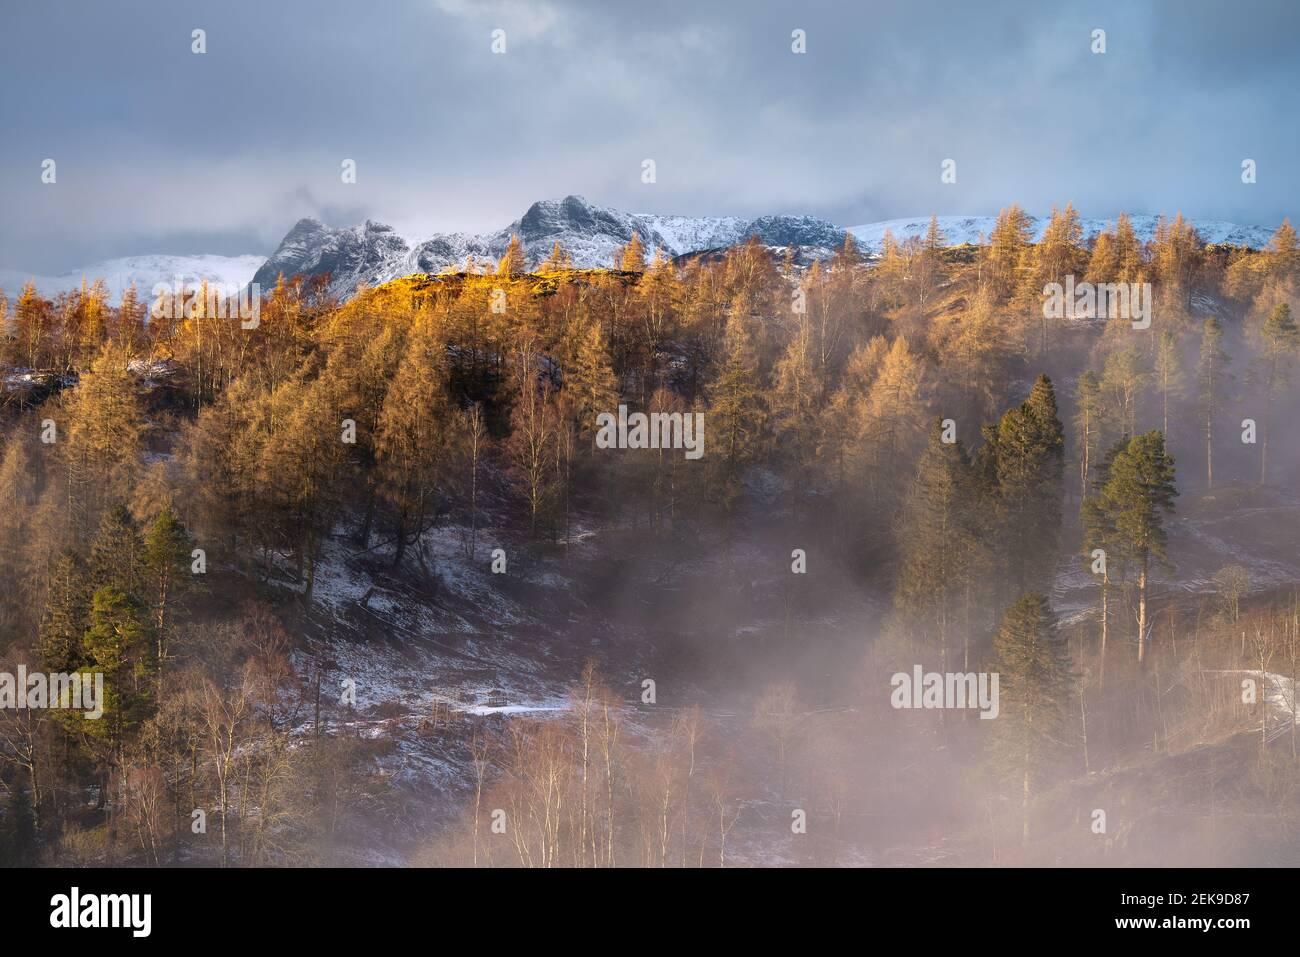 Goldene alpine Landschaft mit schneebedeckten Bergen und dramatischem Himmel. Aufgenommen an einem Winternachmittag in Tarn Hows mit Blick auf die Langdale Pikes. Stockfoto